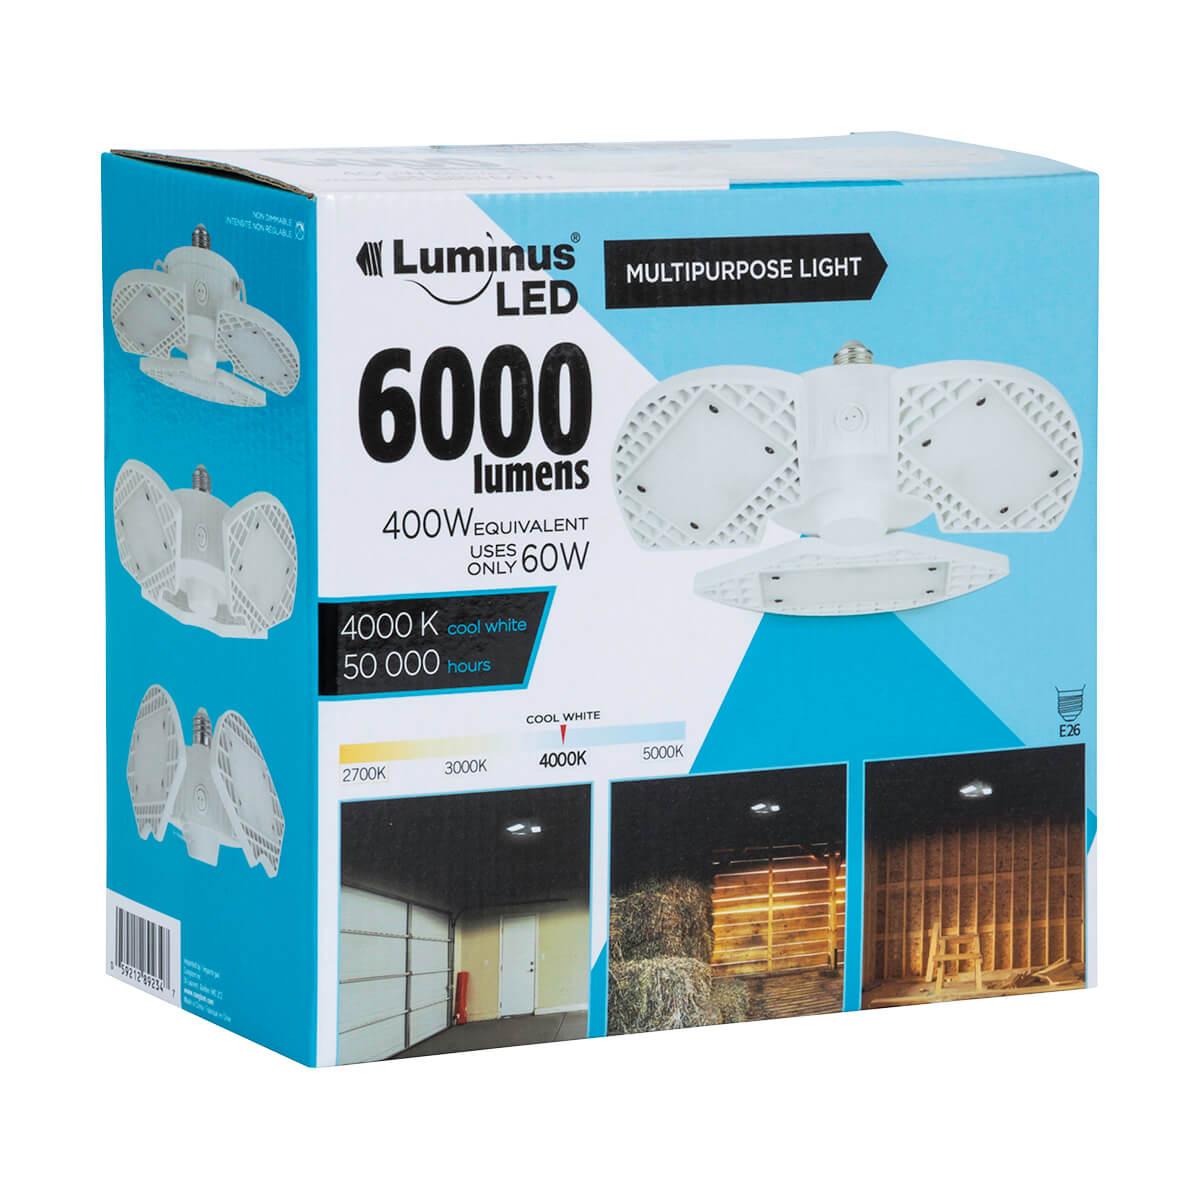 Multipurpose LED Light - 400W